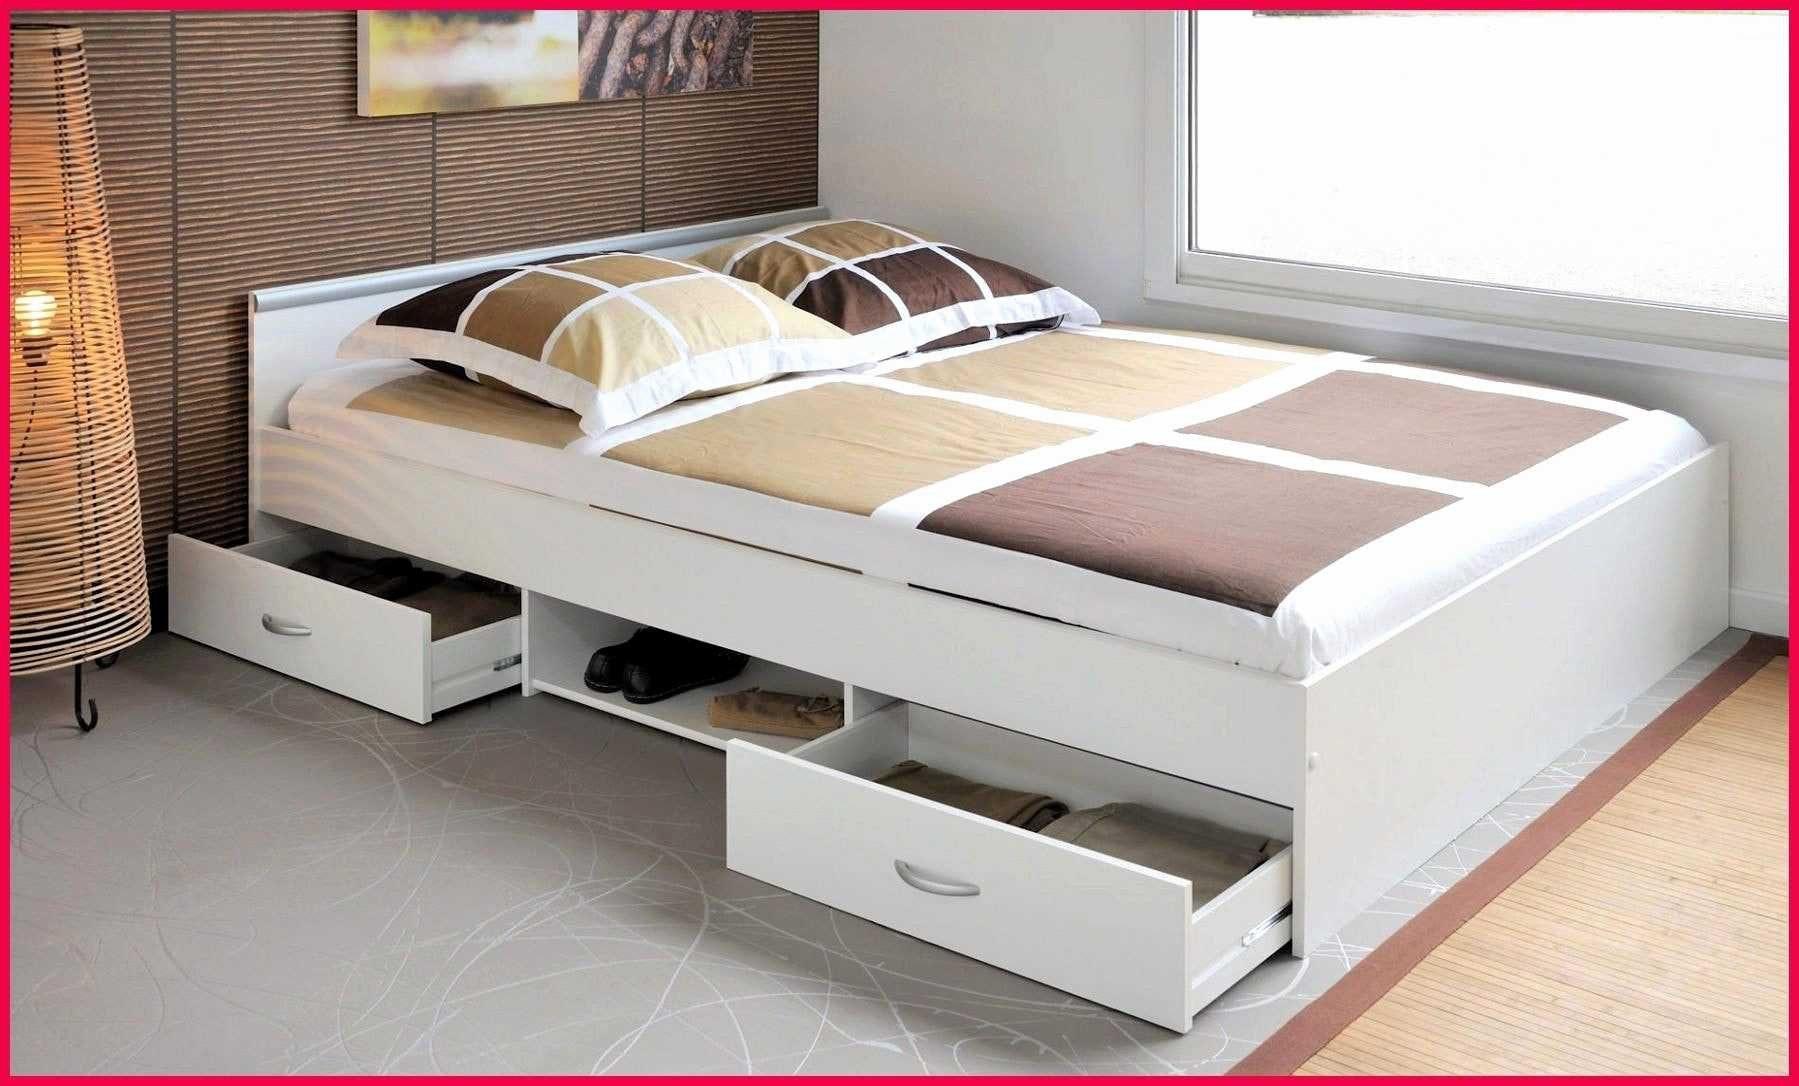 Lit Superposé Rangement Fraîche Avenant Canapé Lit Superposé Et Canapé Lit Avec Rangement